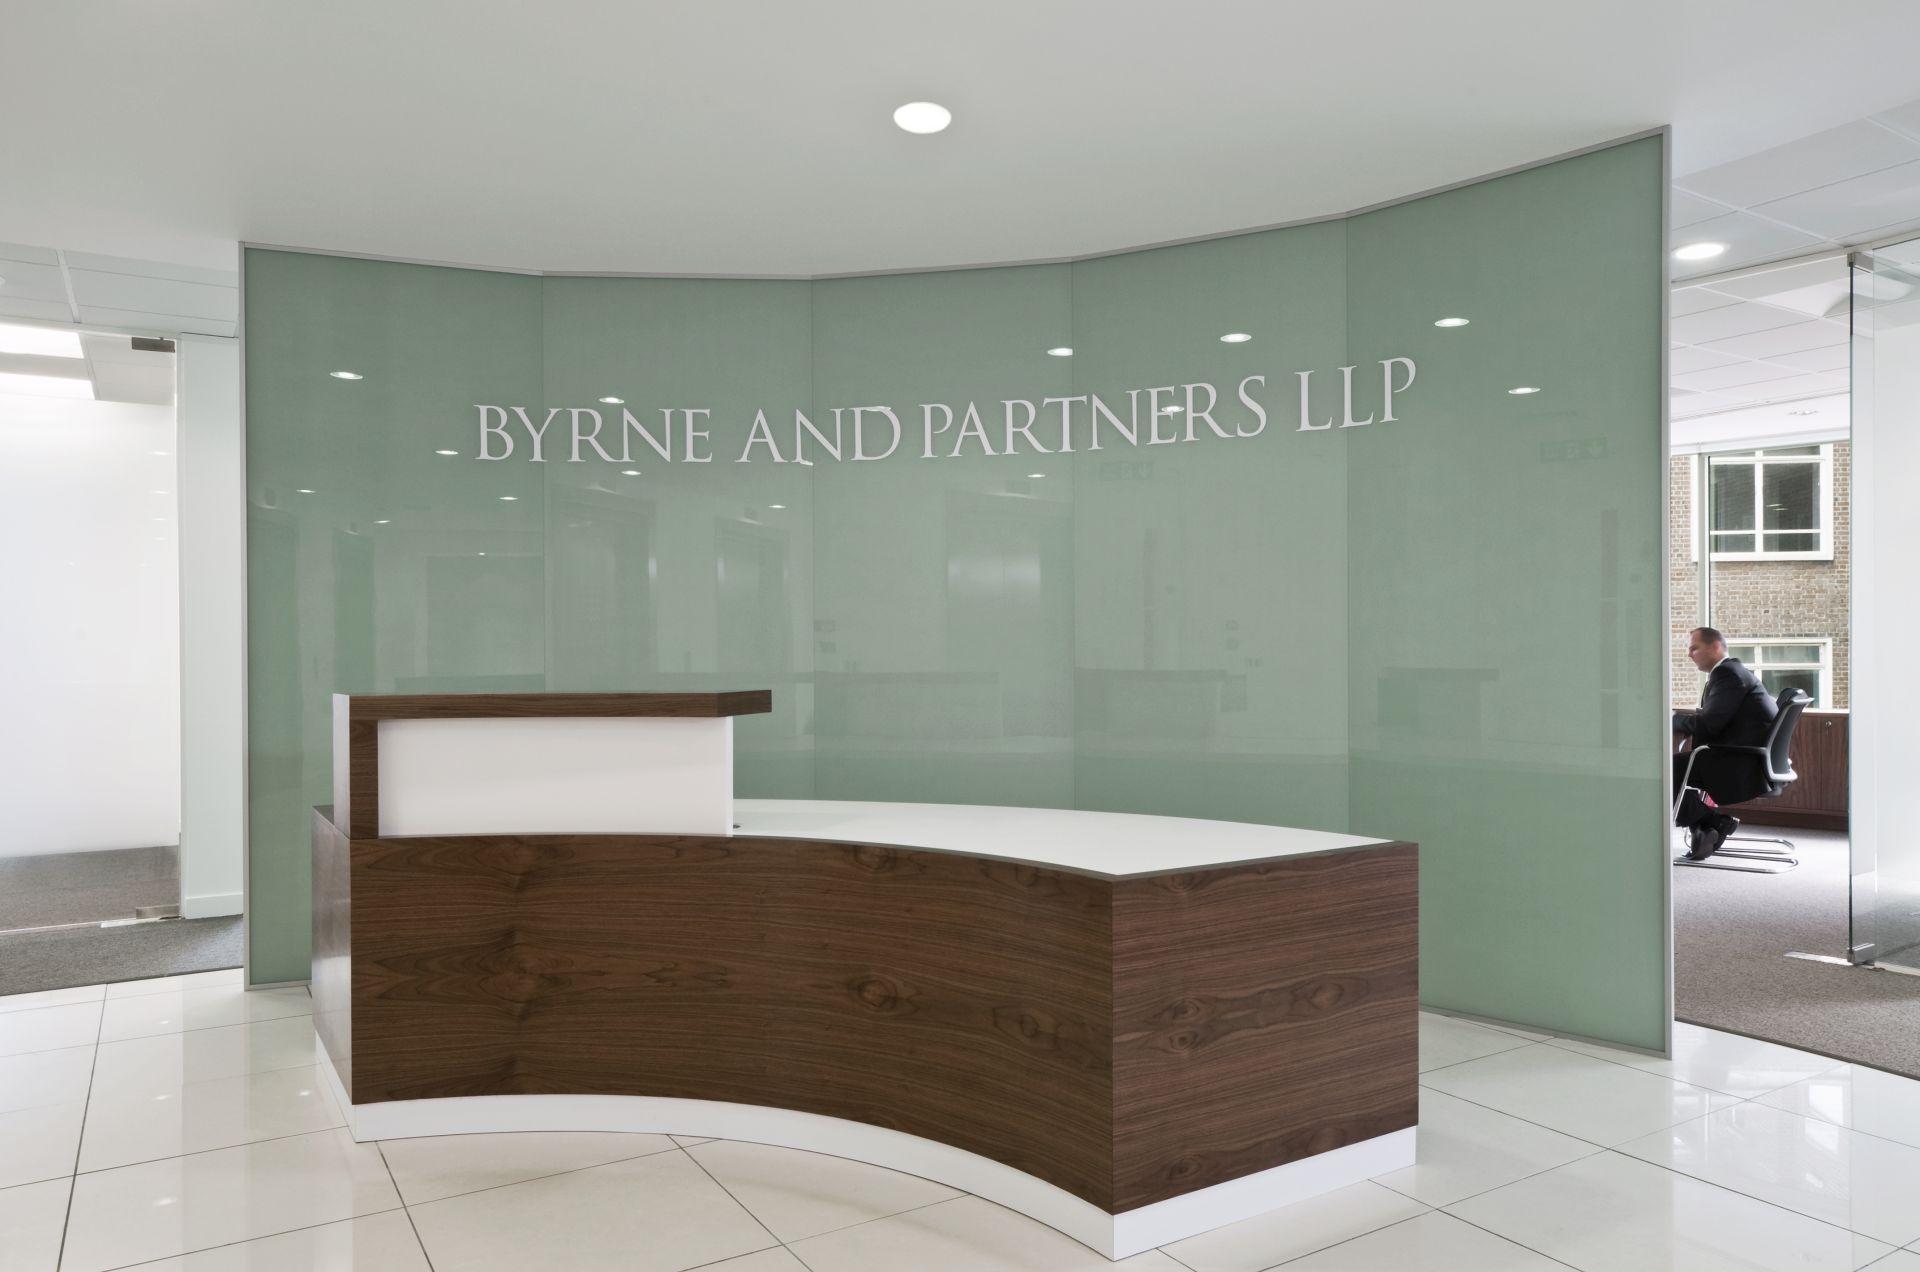 Bryne & Partners Case Study Image